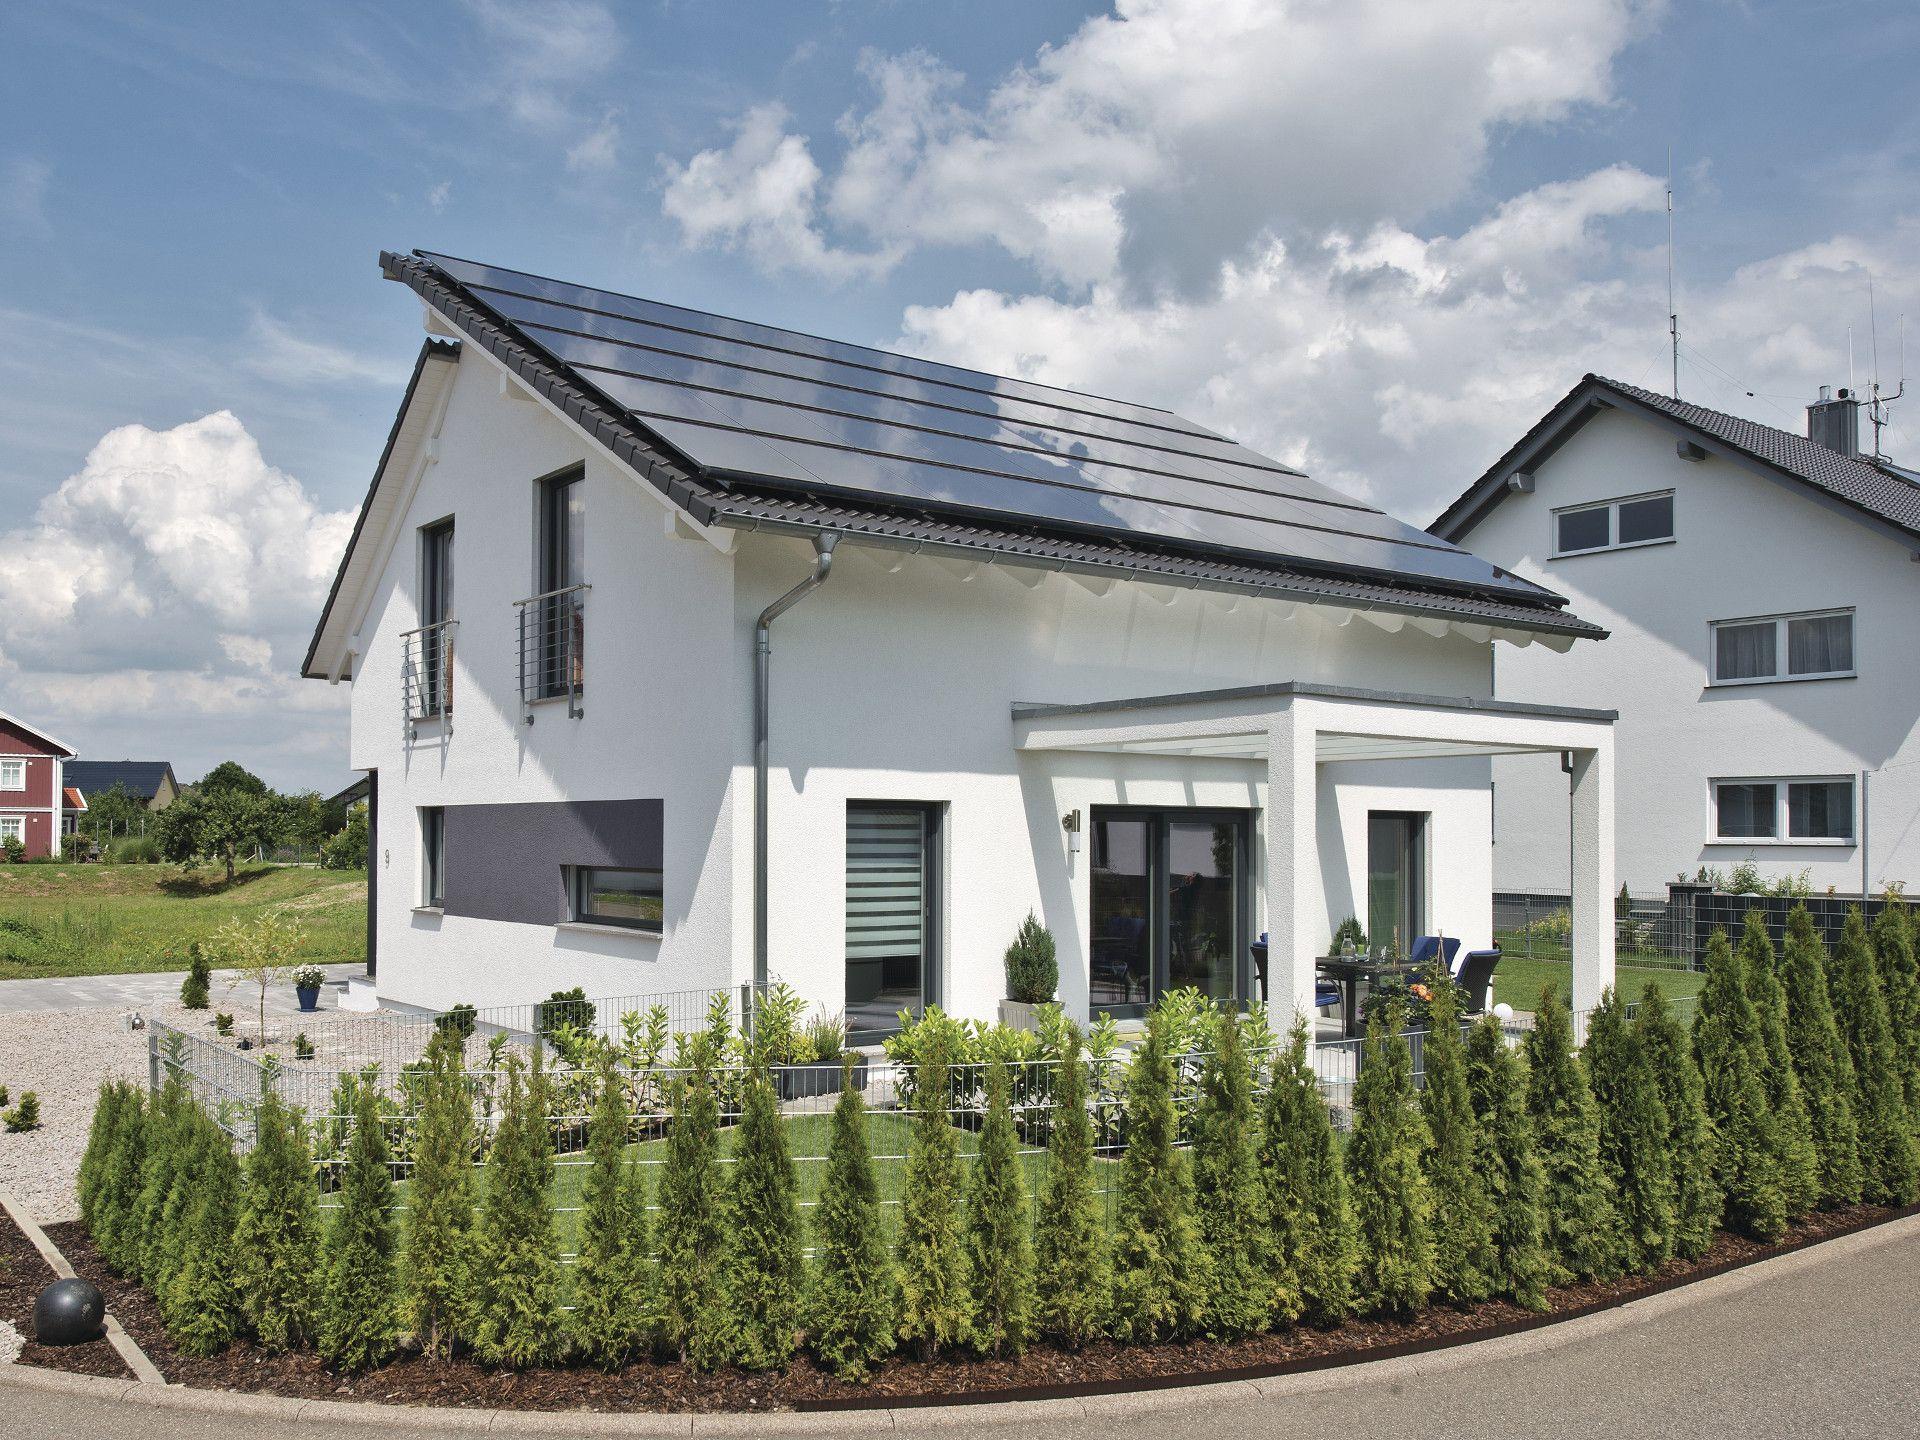 Generation5.5   Haus 200 U2022 Ausbauhaus Von WeberHaus U2022 Energieeffizientes  Fertighaus Mit Weißem Edelputz